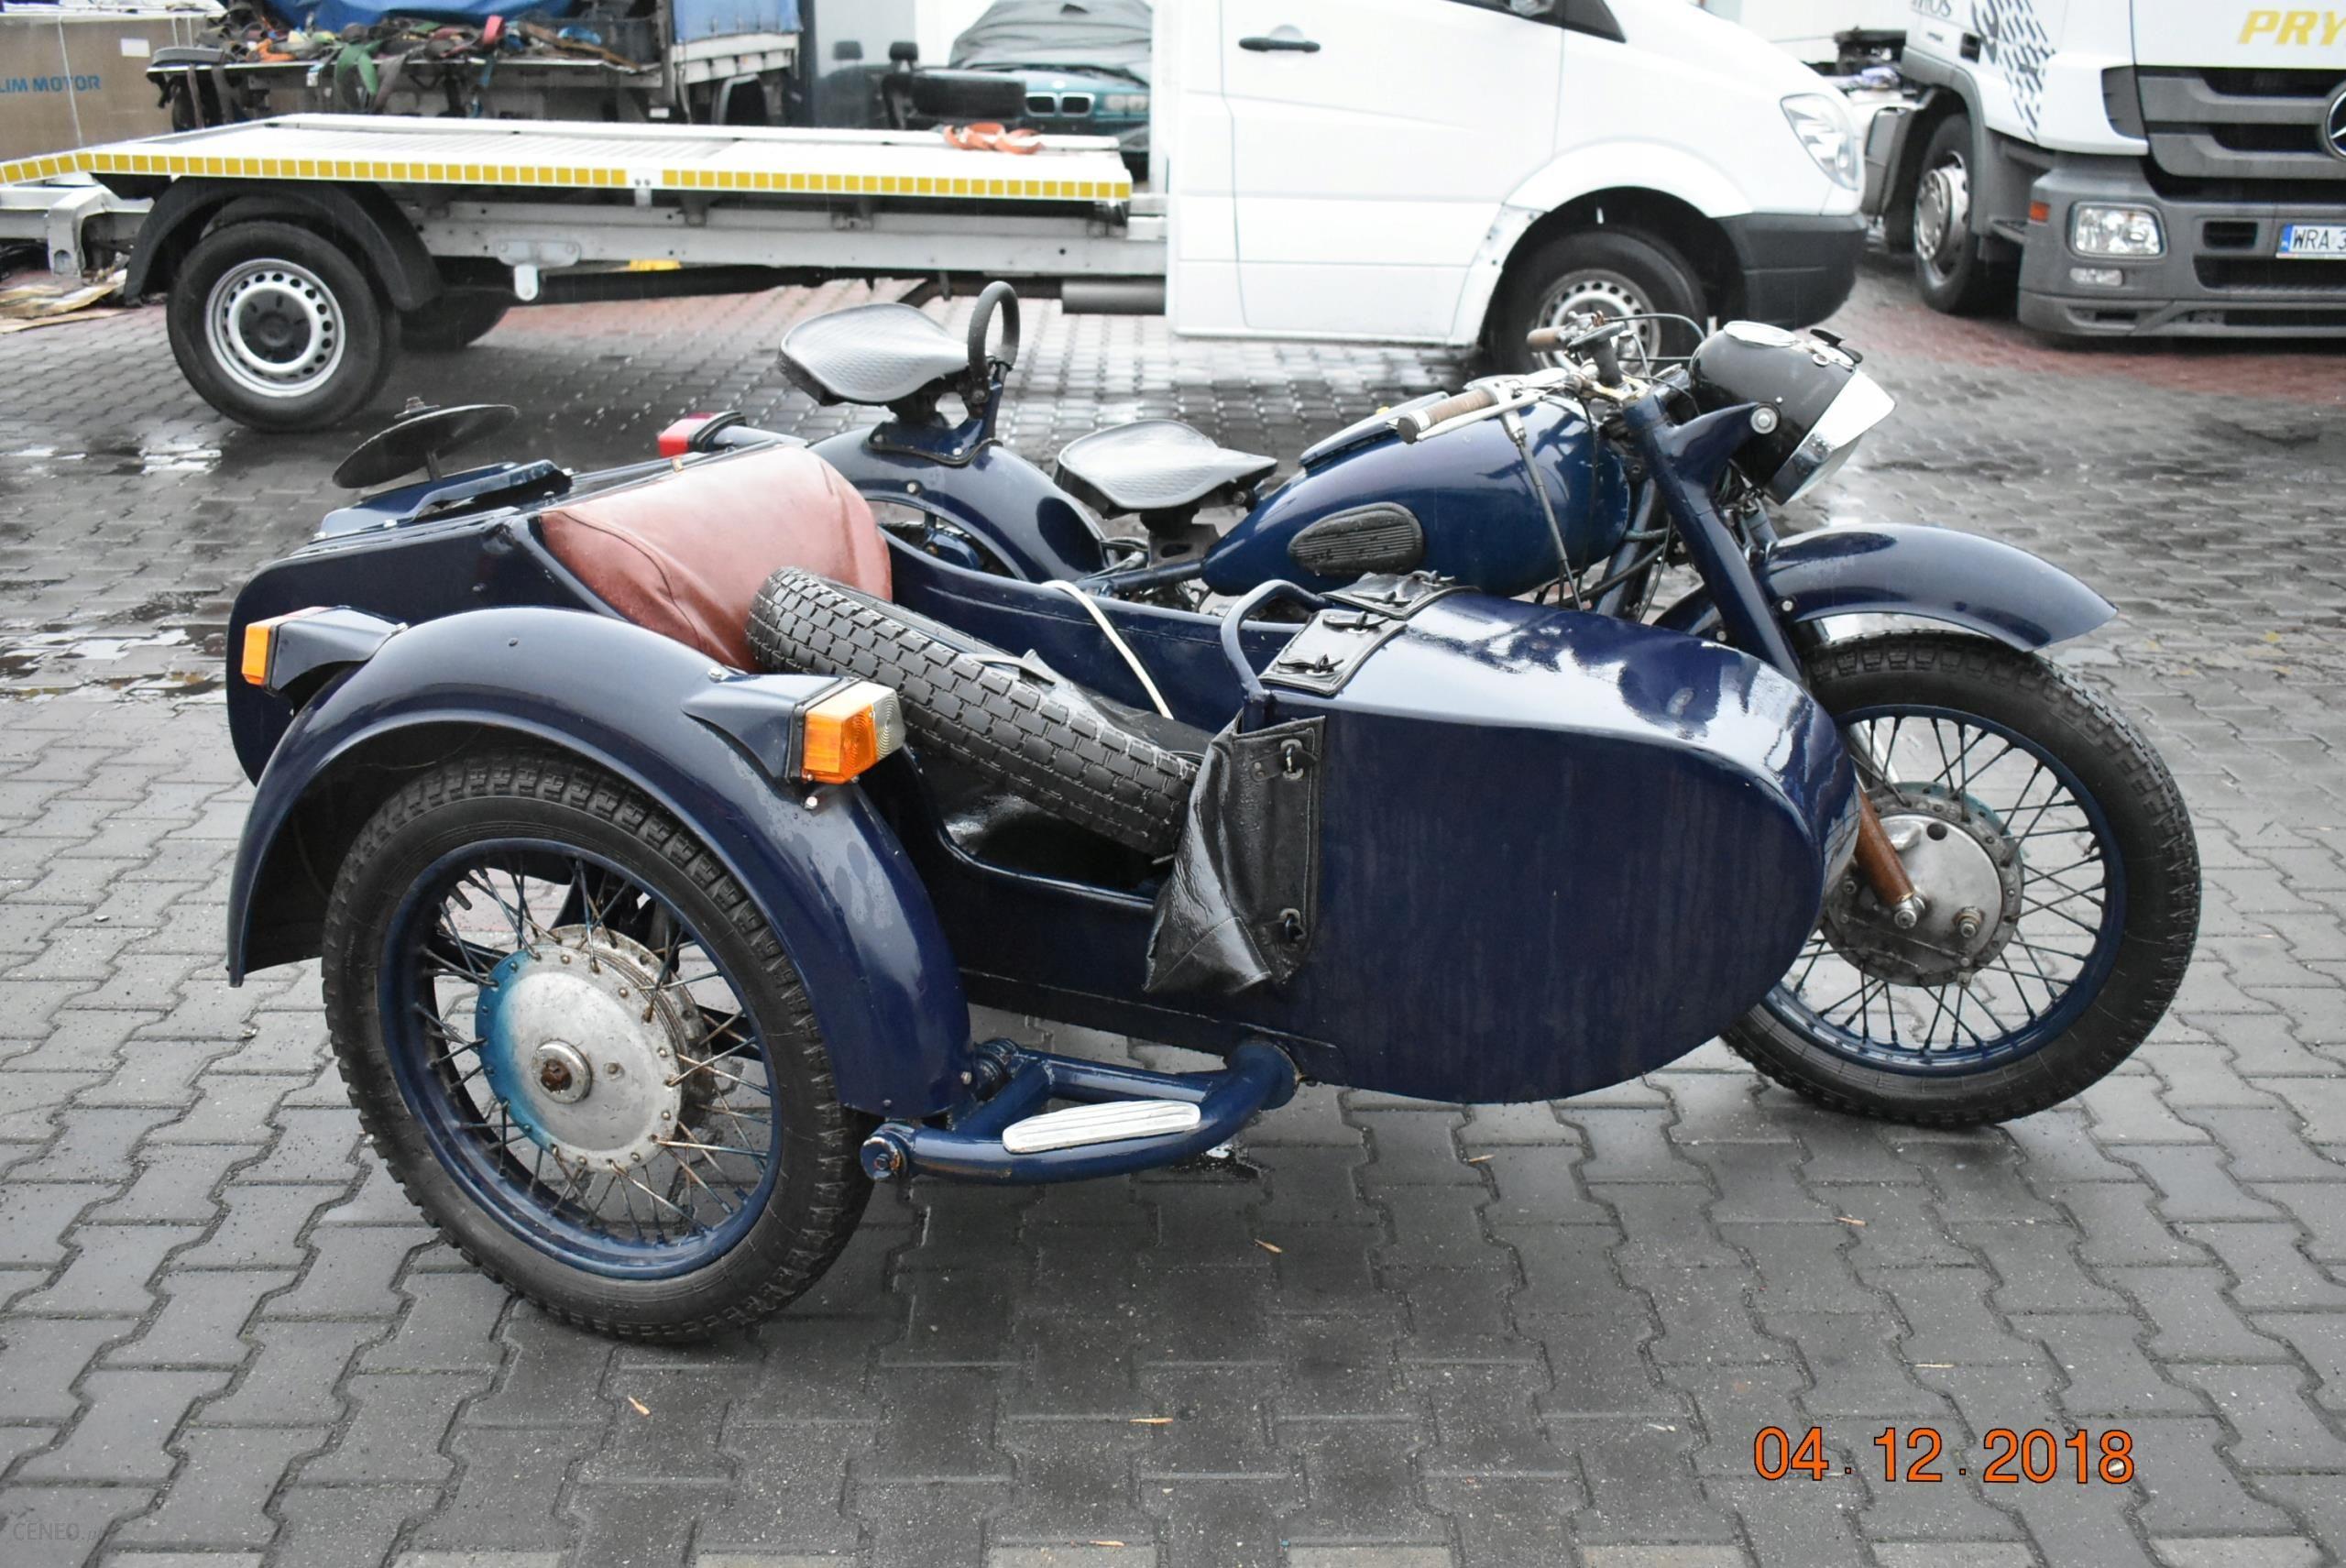 Motocykl K 750 Z Koszem Opinie I Ceny Na Ceneo Pl